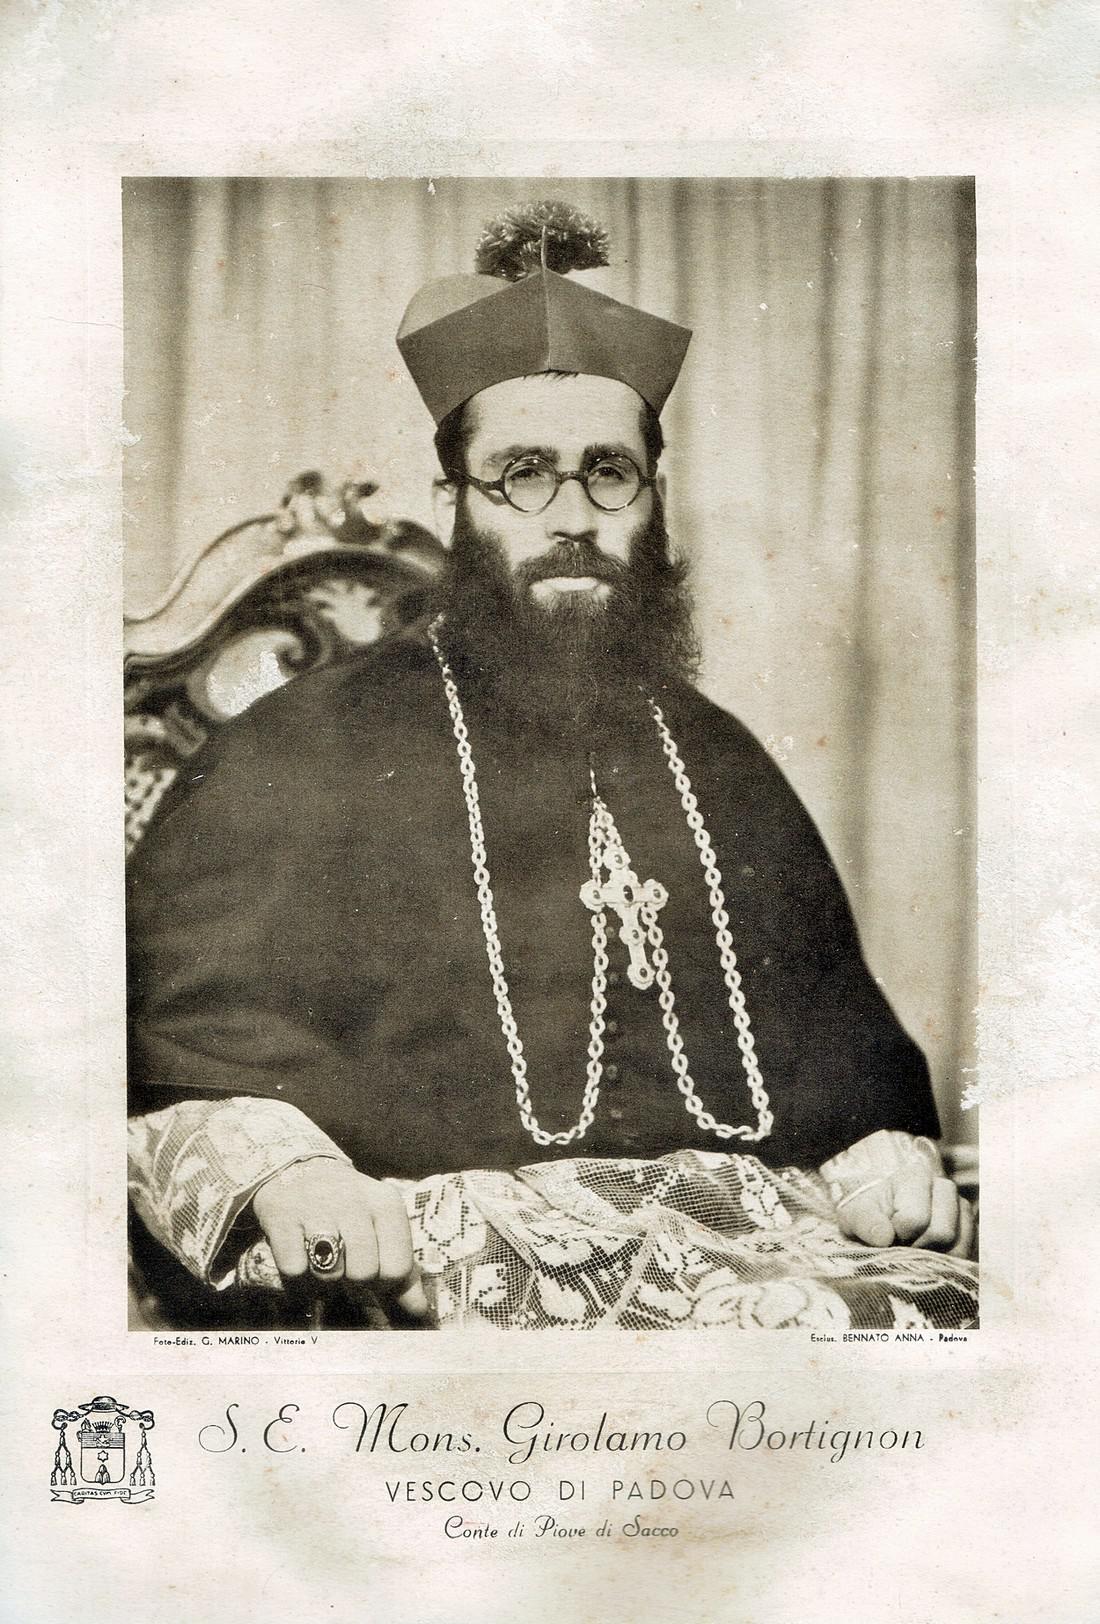 Il vescovo di Padova Girolamo Bartolomeo Bortignon. Foto ufficiale.